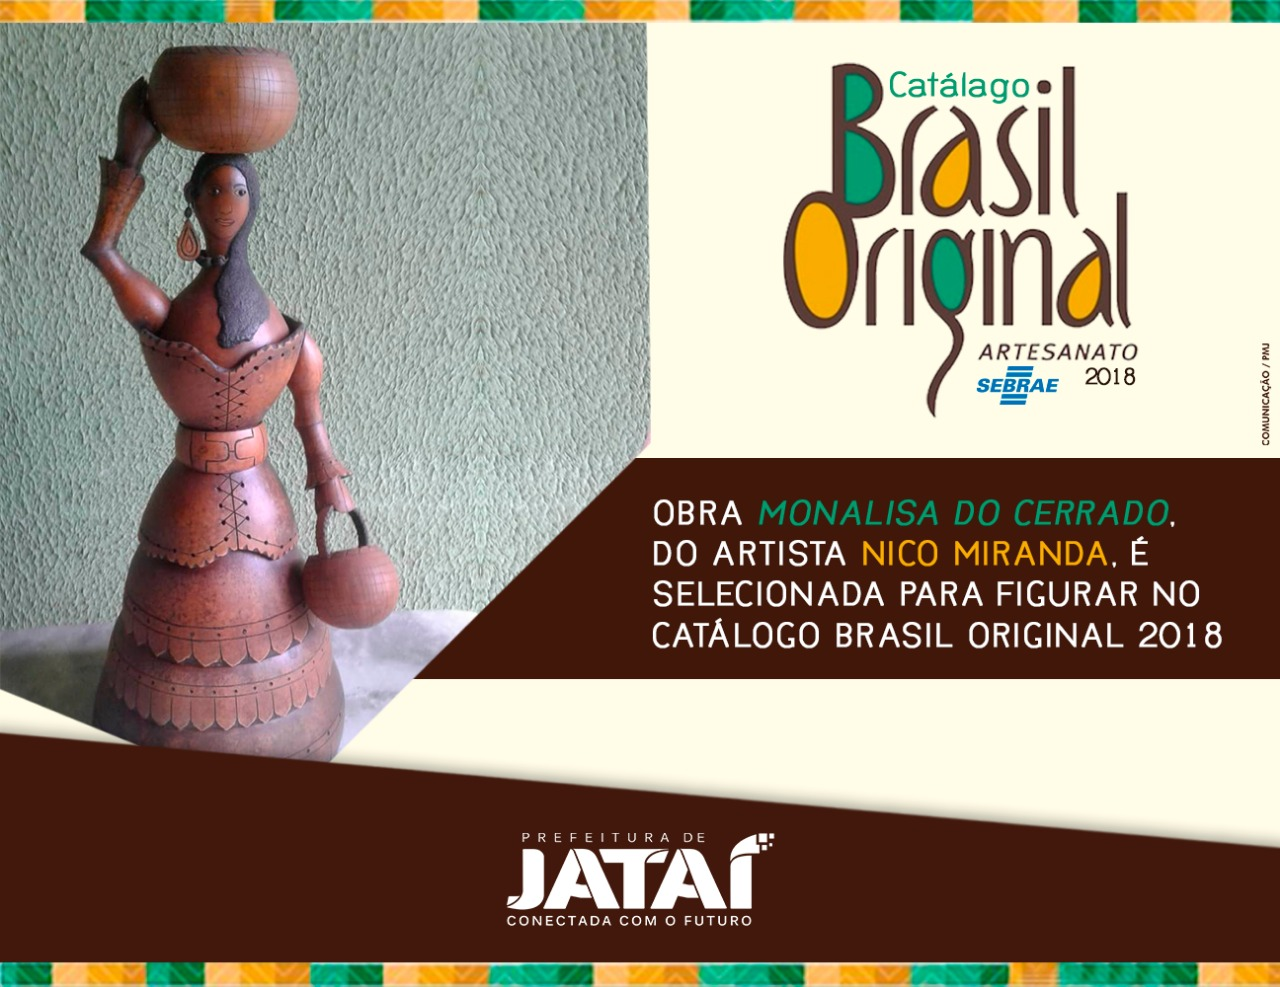 339f876f35c0c Obras do Artista Nico Miranda farão parte do Catálogo Brasil ...